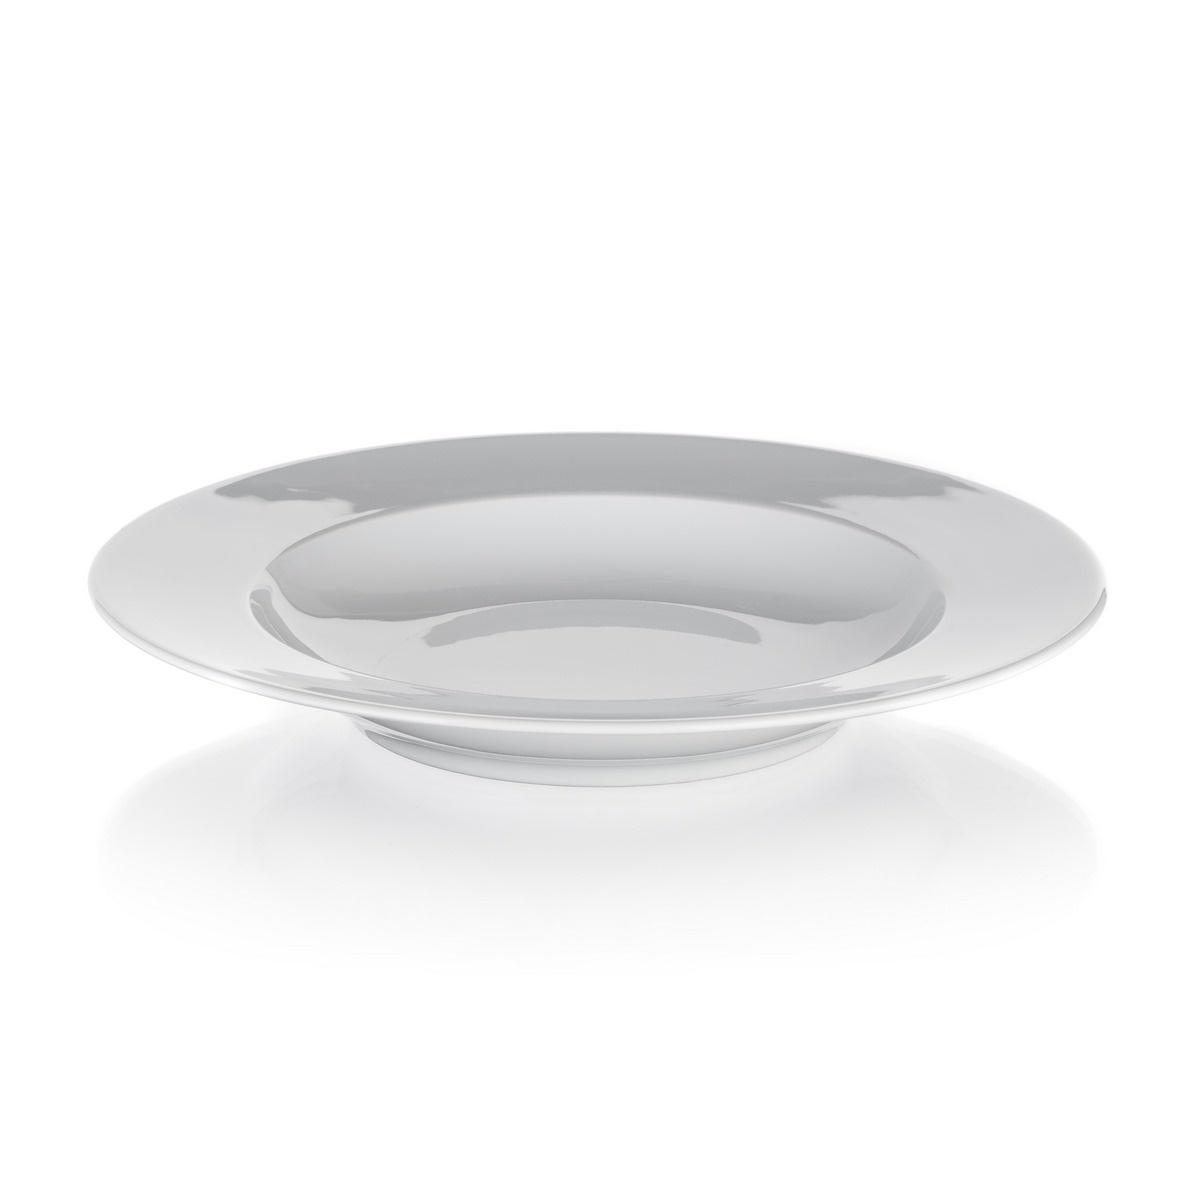 Banquet Talíř porcelánový hluboký RITA 22,5 cm, 6 ks, bílá